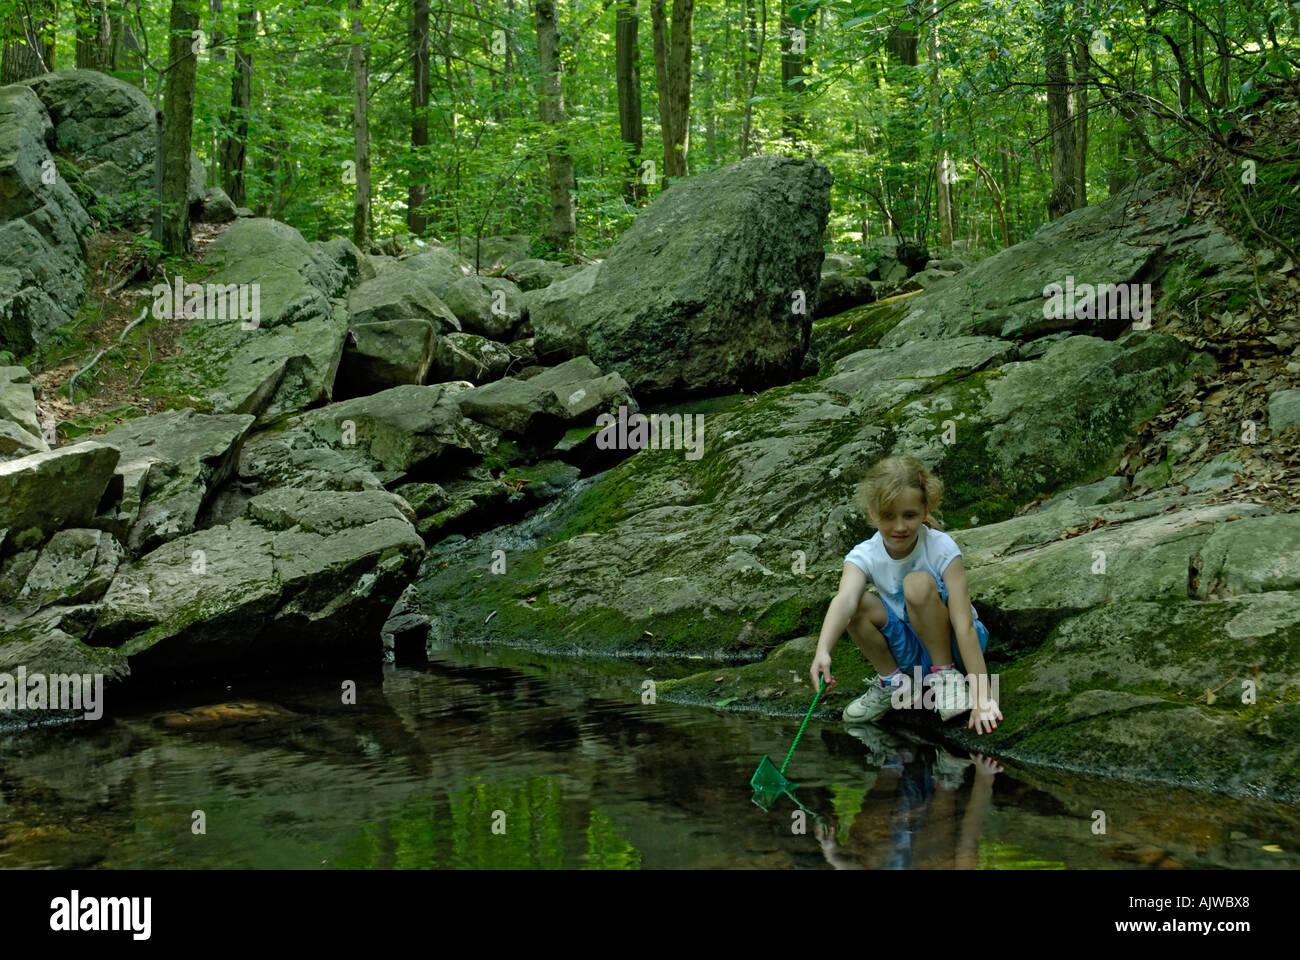 Junges Mädchen mit Netz auf der Suche, Frösche oder Fische in einem Bach im Wald zu fangen Stockbild